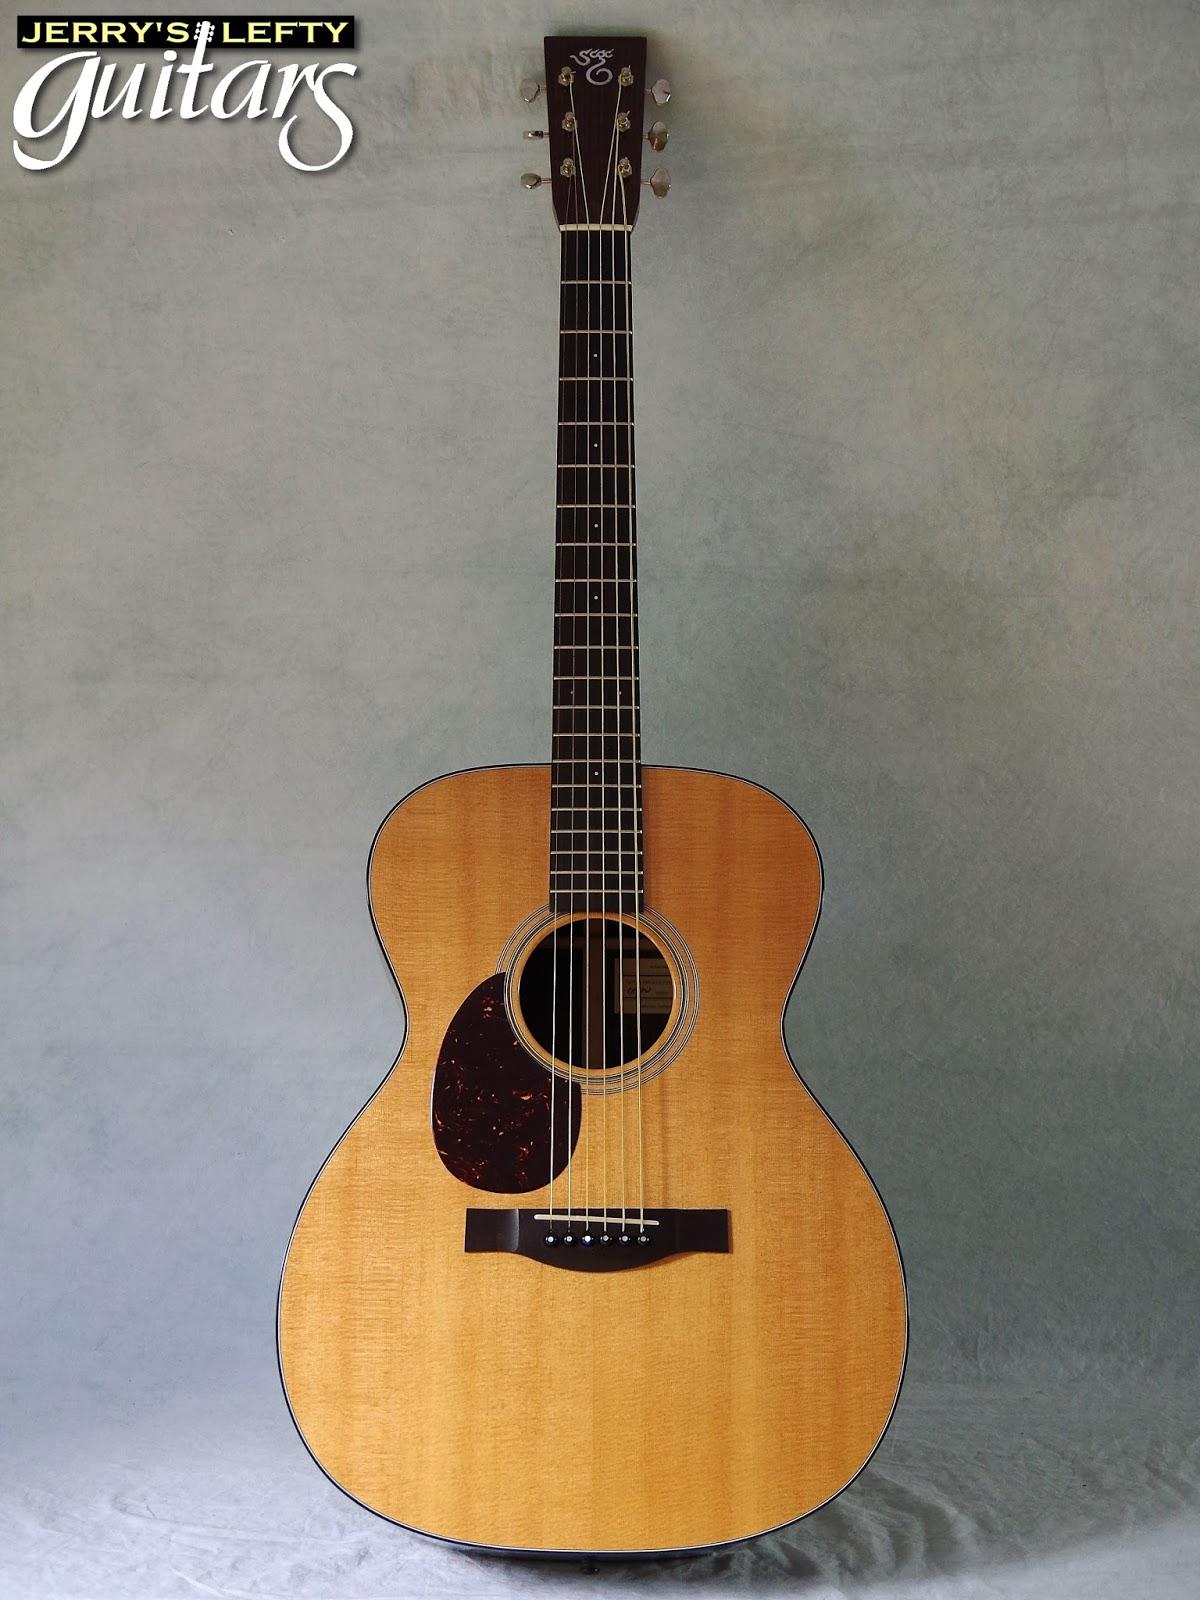 jerry 39 s lefty guitars newest guitar arrivals updated weekly santa cruz om pwr used left. Black Bedroom Furniture Sets. Home Design Ideas